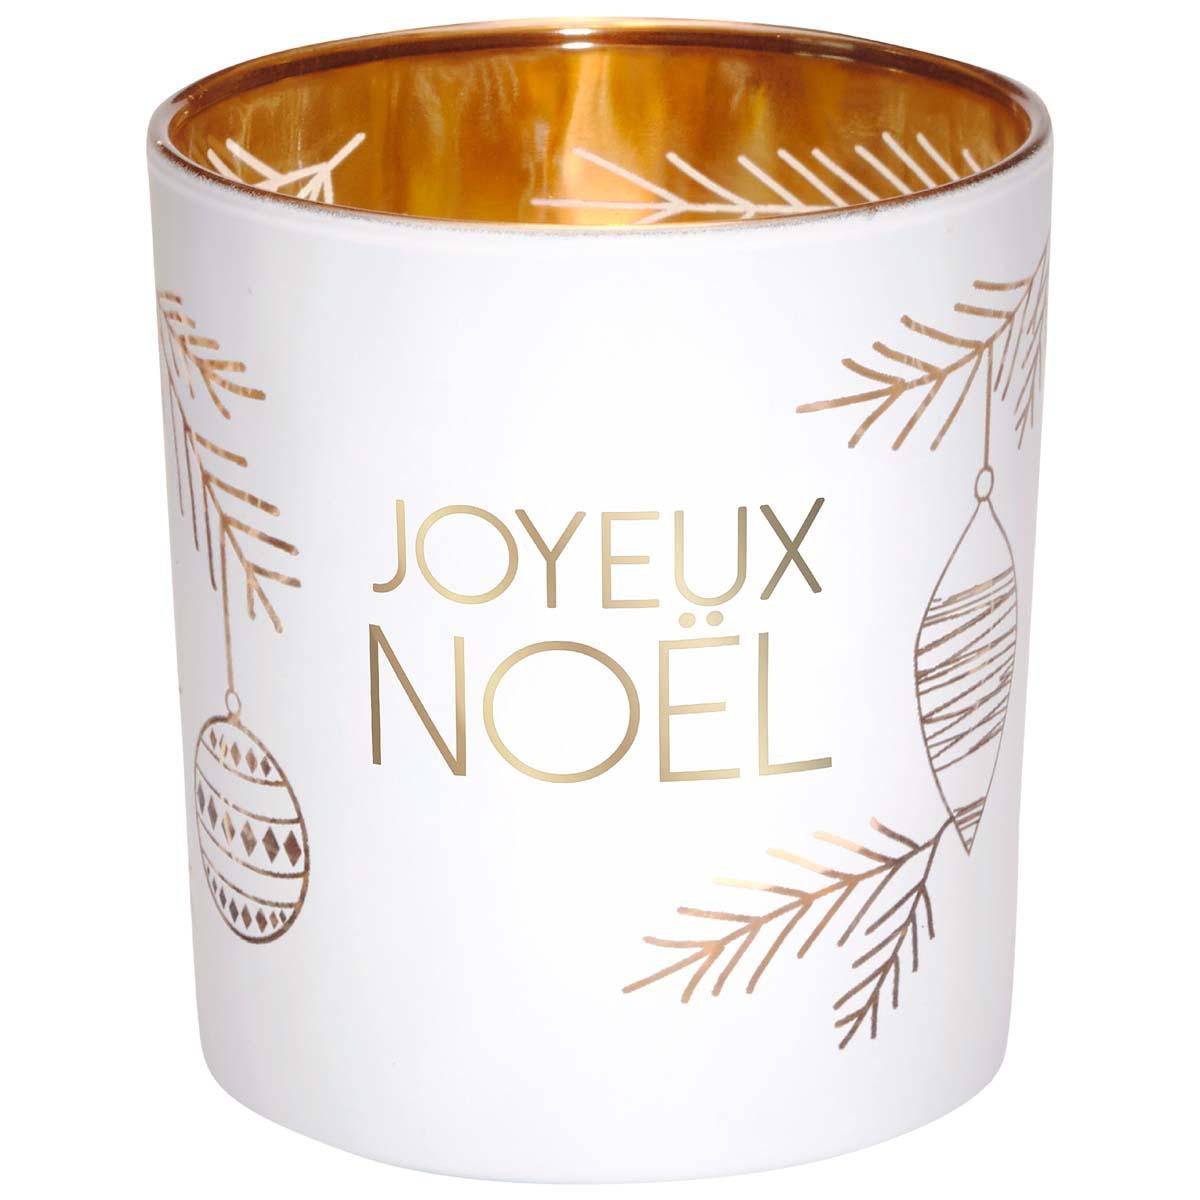 Photophore en verre blanc et or joyeux noël motif boules de Noël